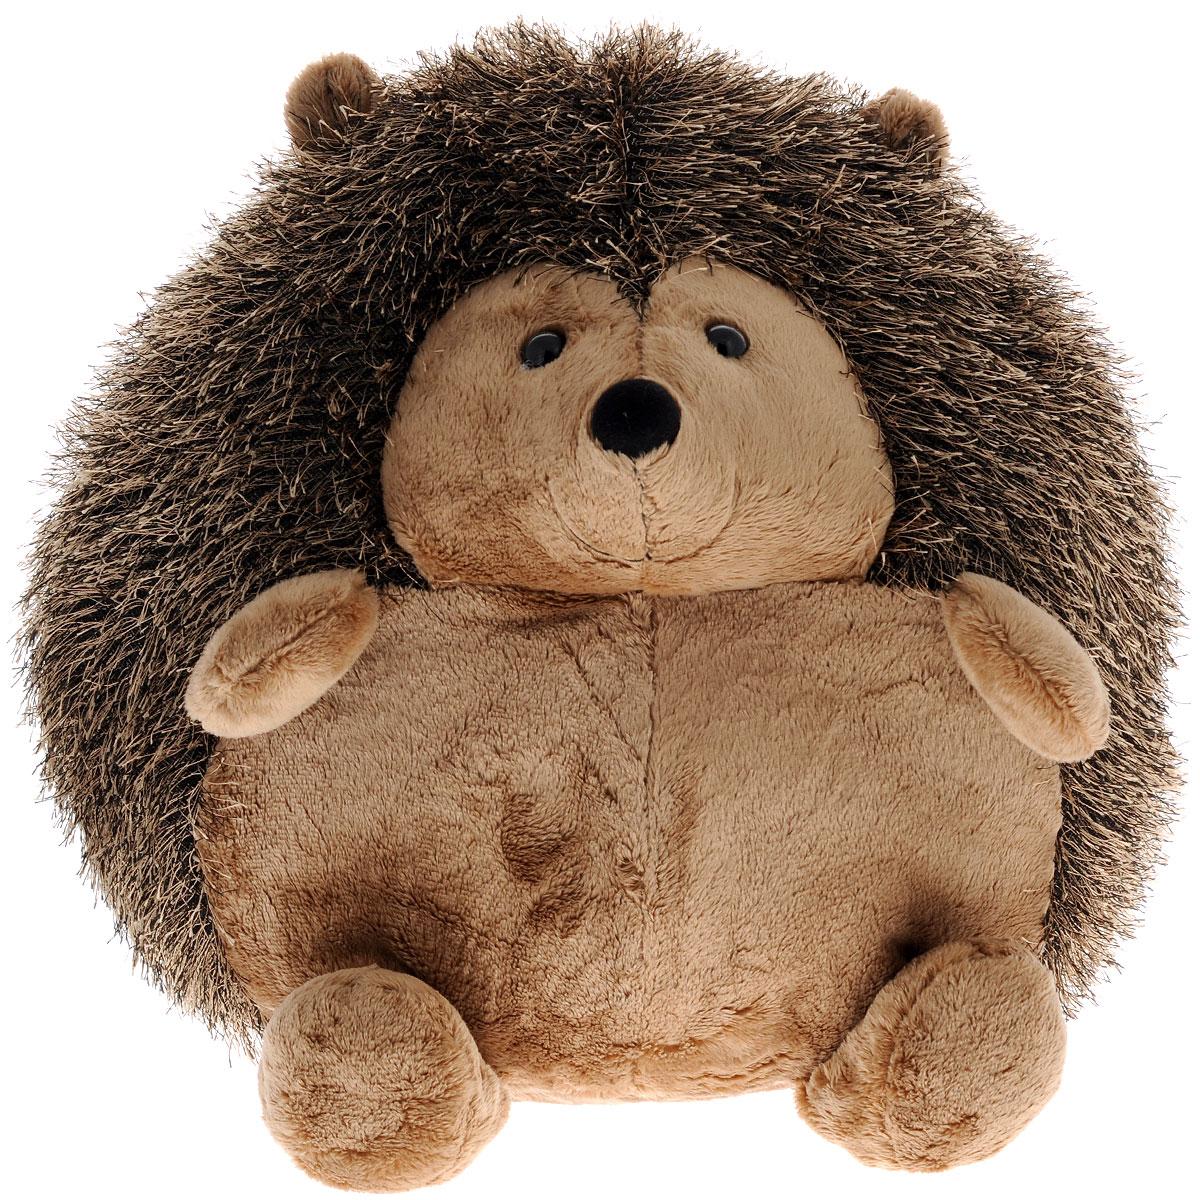 Мягкая игрушка Gulliver Ежик сидячий, 33 см14-047344Мягкая игрушка Ежик сидячий не даст малышу заскучать. Вместе с ежиком ребенок сможет провести время не только забавно, но и познавательно. Этот веселый ежик станет отличным украшением детской комнаты, наполняя ее светом и хорошим настроением. У ежика маленькие черные глазки, симпатичный плюшевый носик и милая улыбка, которая так и манит поиграть. Его колючки приятно поглаживать, а благодаря задним лапкам он может устойчиво сидеть. Игры с мягким ежиком познавательны, так как ребенку становится интересно узнать больше об этом милом обитателе леса. Мягкие игрушки Gulliver откроют ребенку дверь для познания мира взрослых. Благодаря играм с ними ребенок учиться быть заботливым, ухаживать и дружить, а также развивает тактильные ощущения. Сюжетно-ролевые игры тренируют фантазию и воображение малыша, развивает его творческие способности. Как материал, так и набивка, с использованием которых изготовлены мягкие игрушки, высокого качества и безопасны для детей. Продукция...